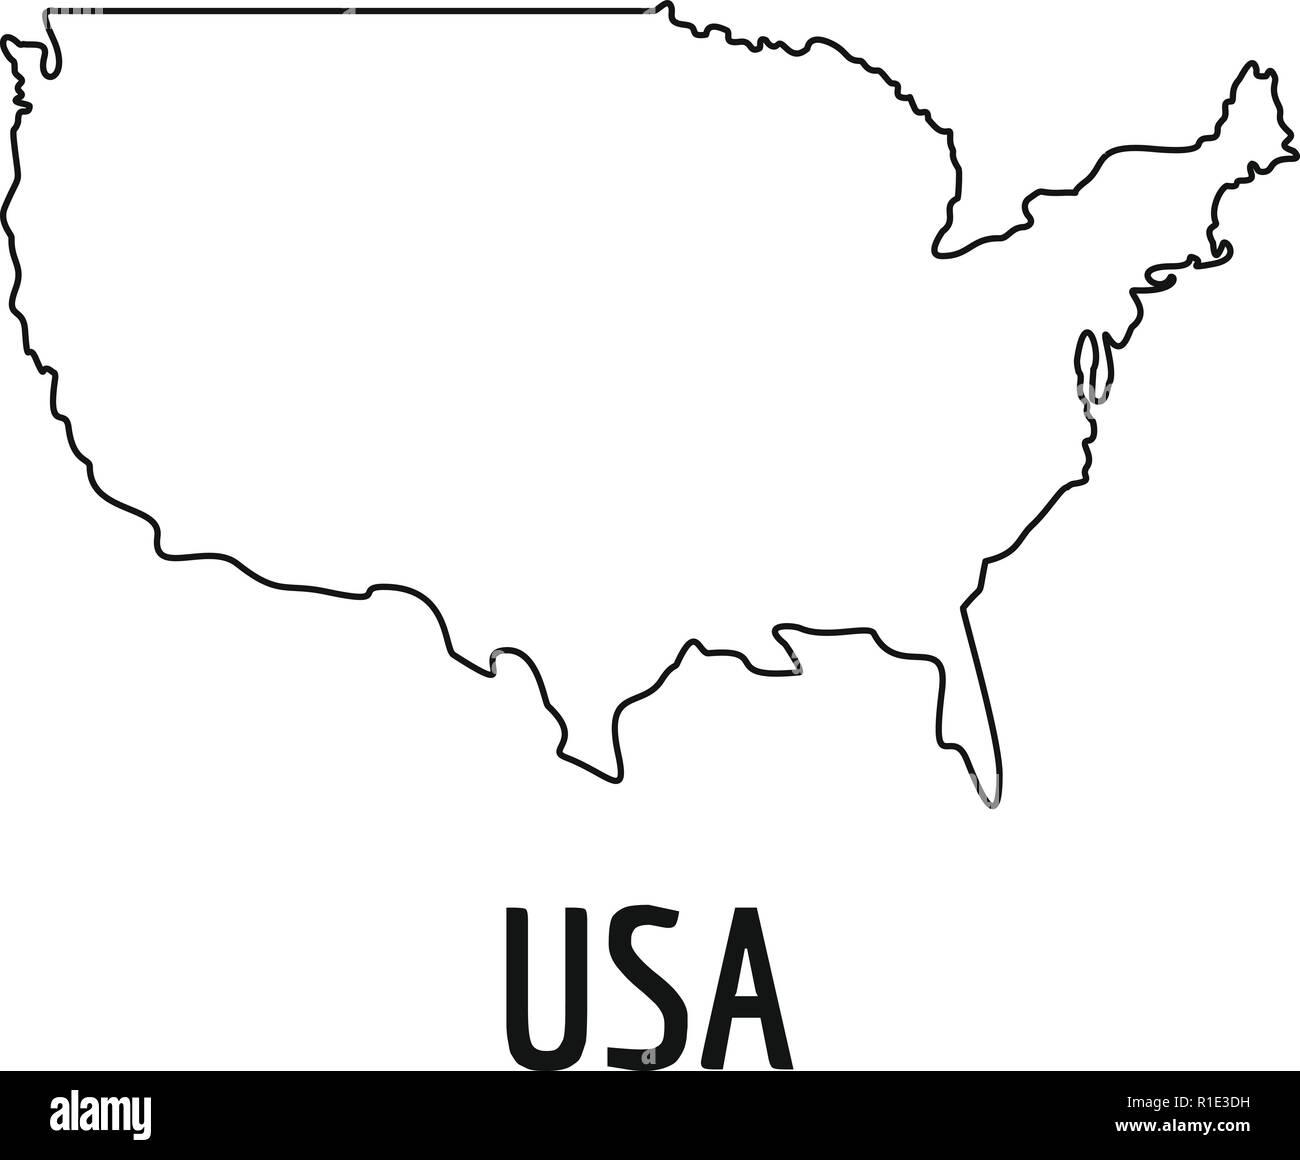 Usa Karte Dunne Linie Einfache Abbildung Usa Karte Vektor Auf